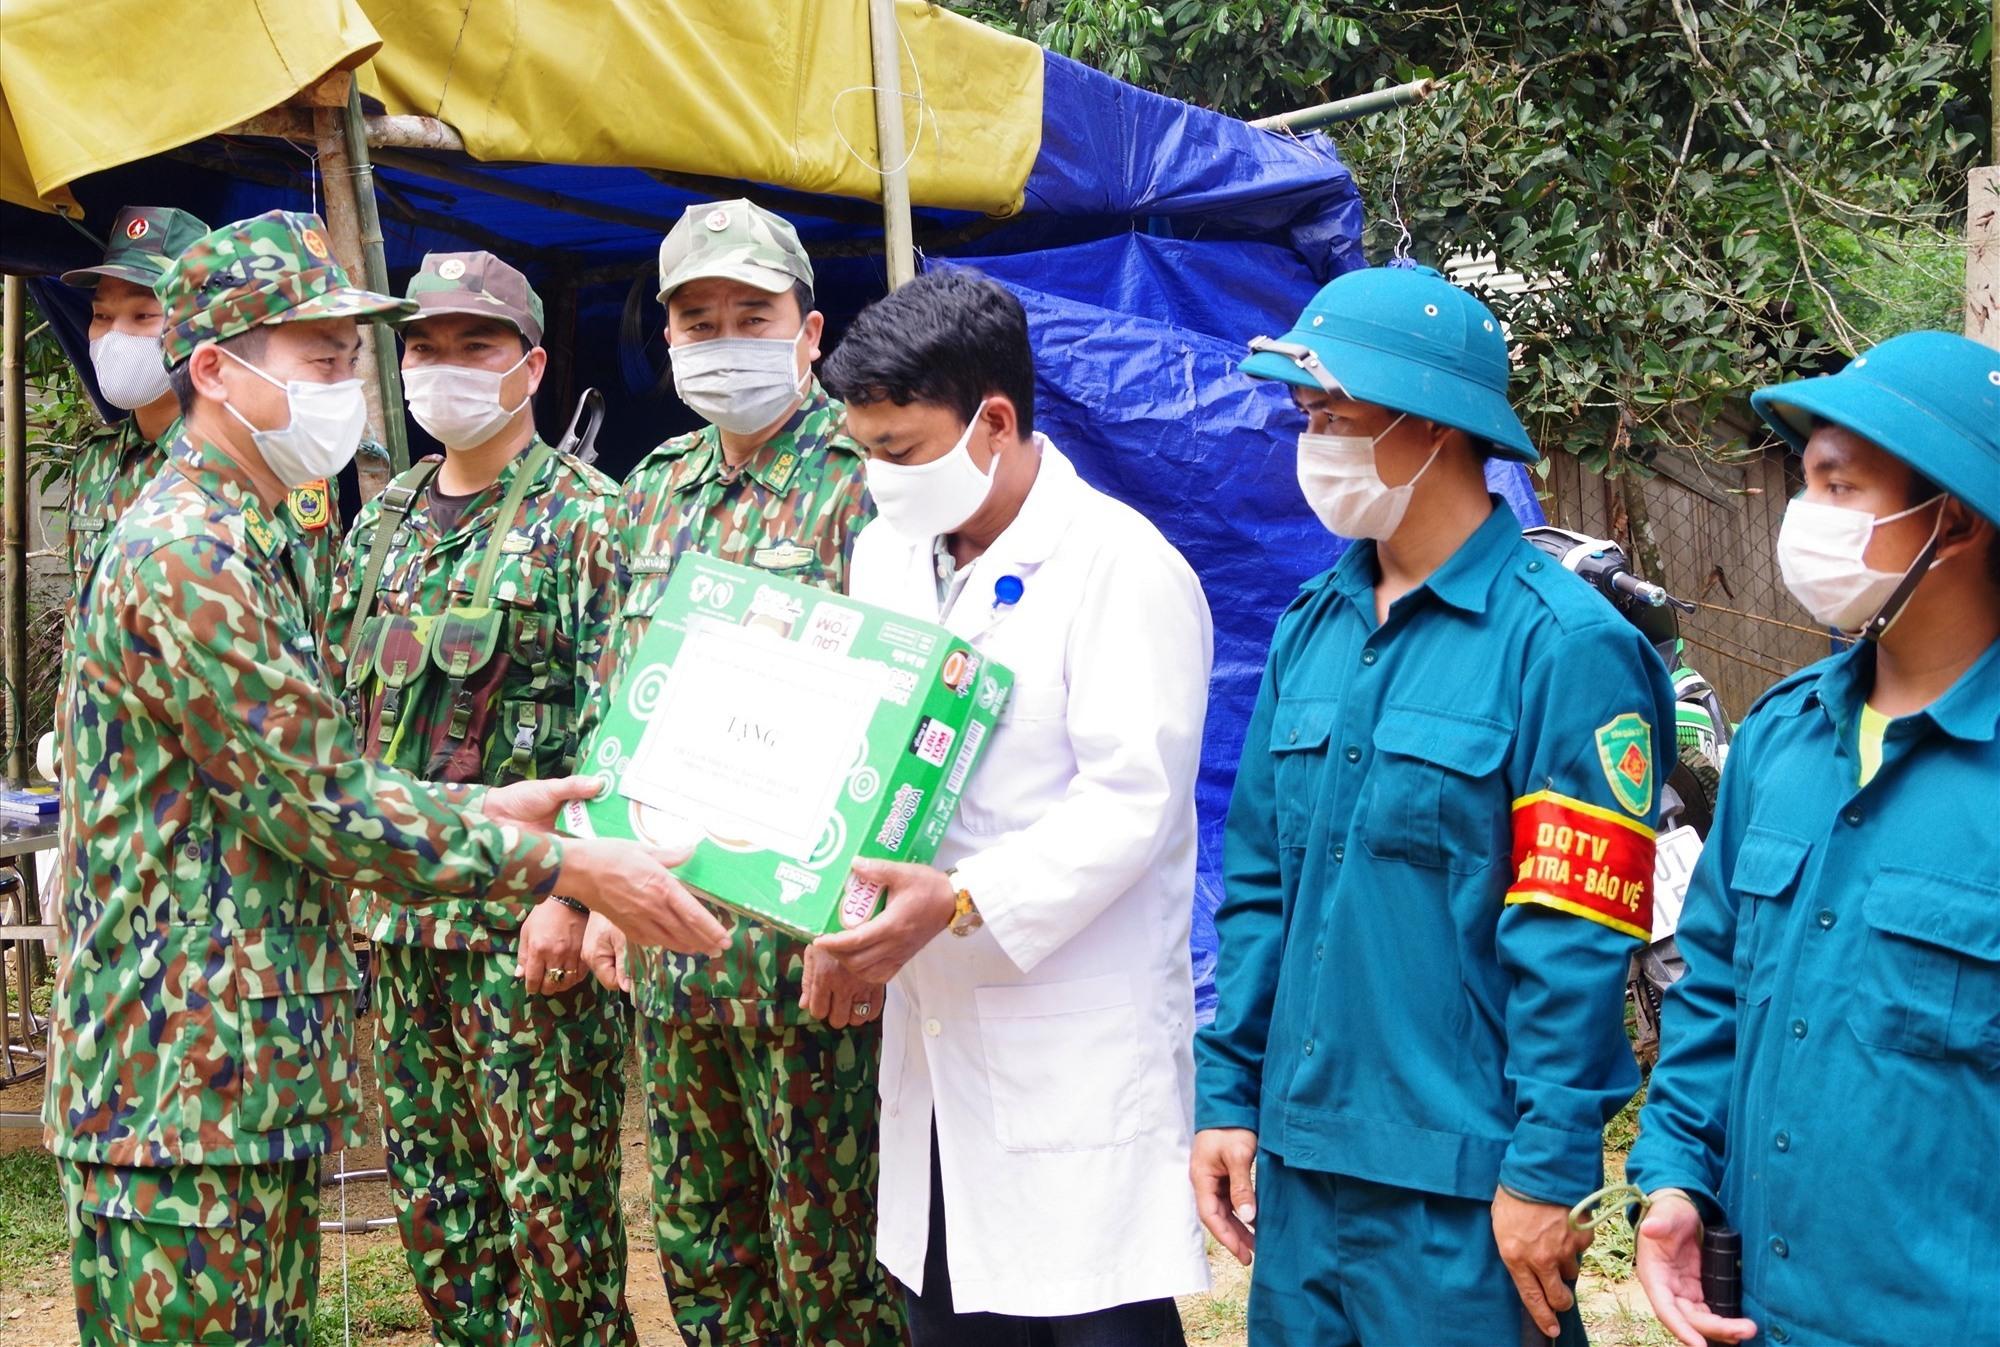 Thượng tá Hoàng Văn Mẫn Tặng quà động viên lực lượng cắm chốt phòng chống dịch Covid 19 của Đồn Biên phòng A Nông. Ảnh: VĂN VINH